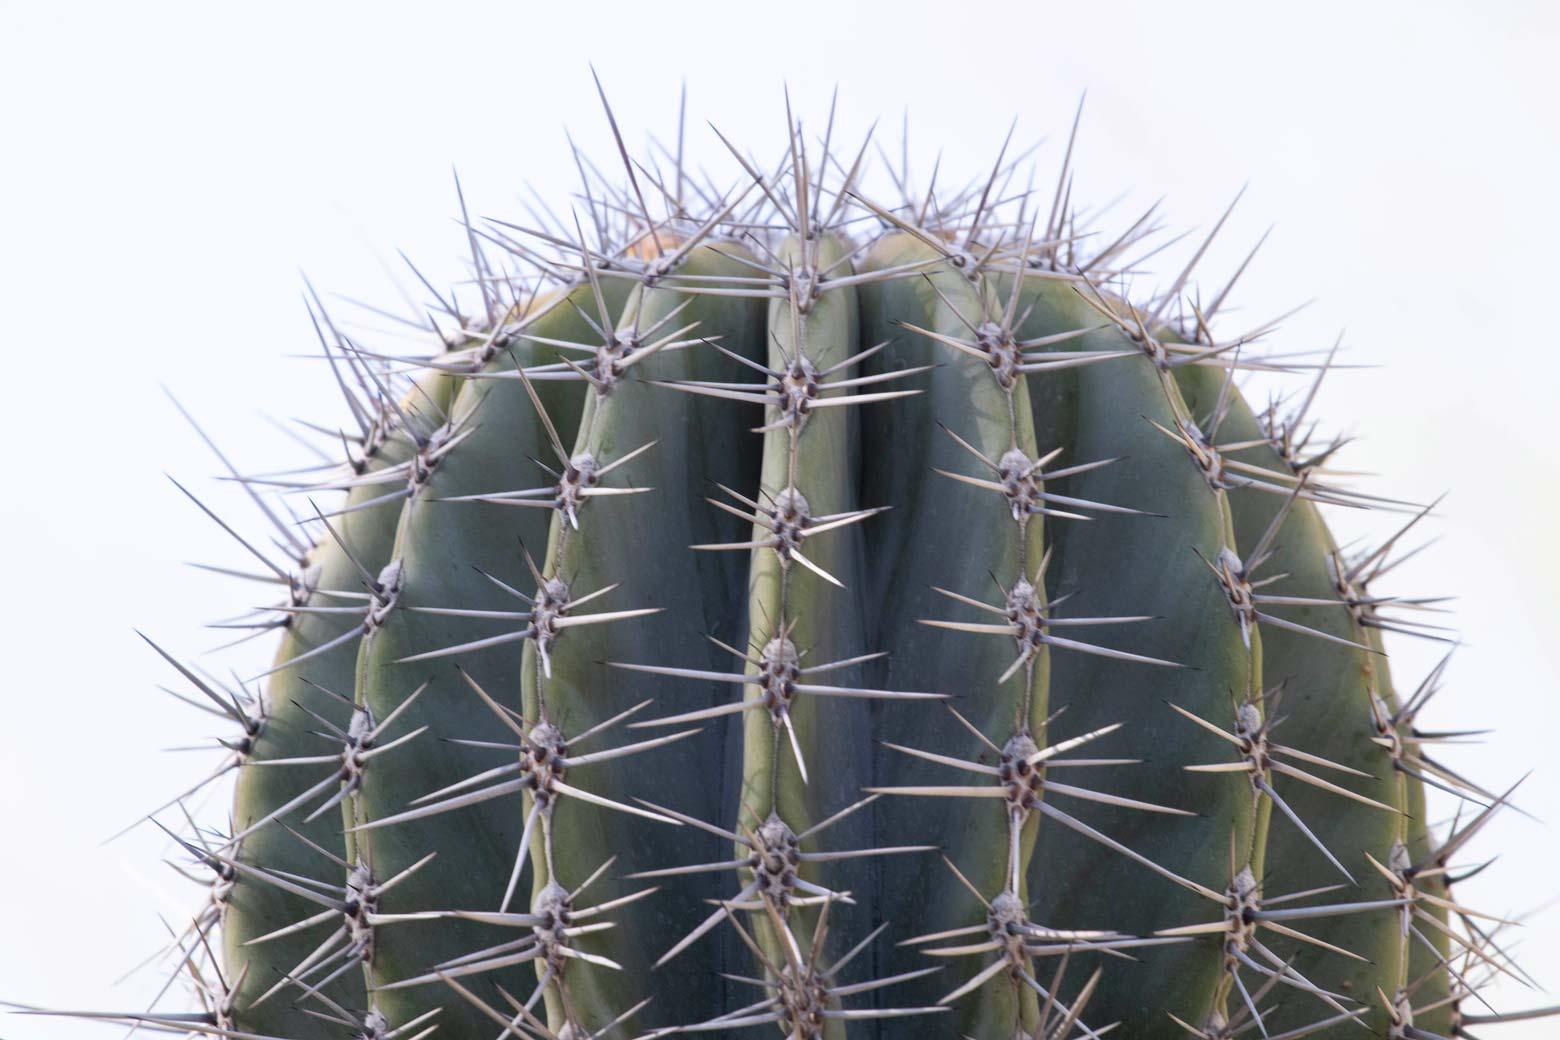 A close-up of the top of a Cardon cactus.